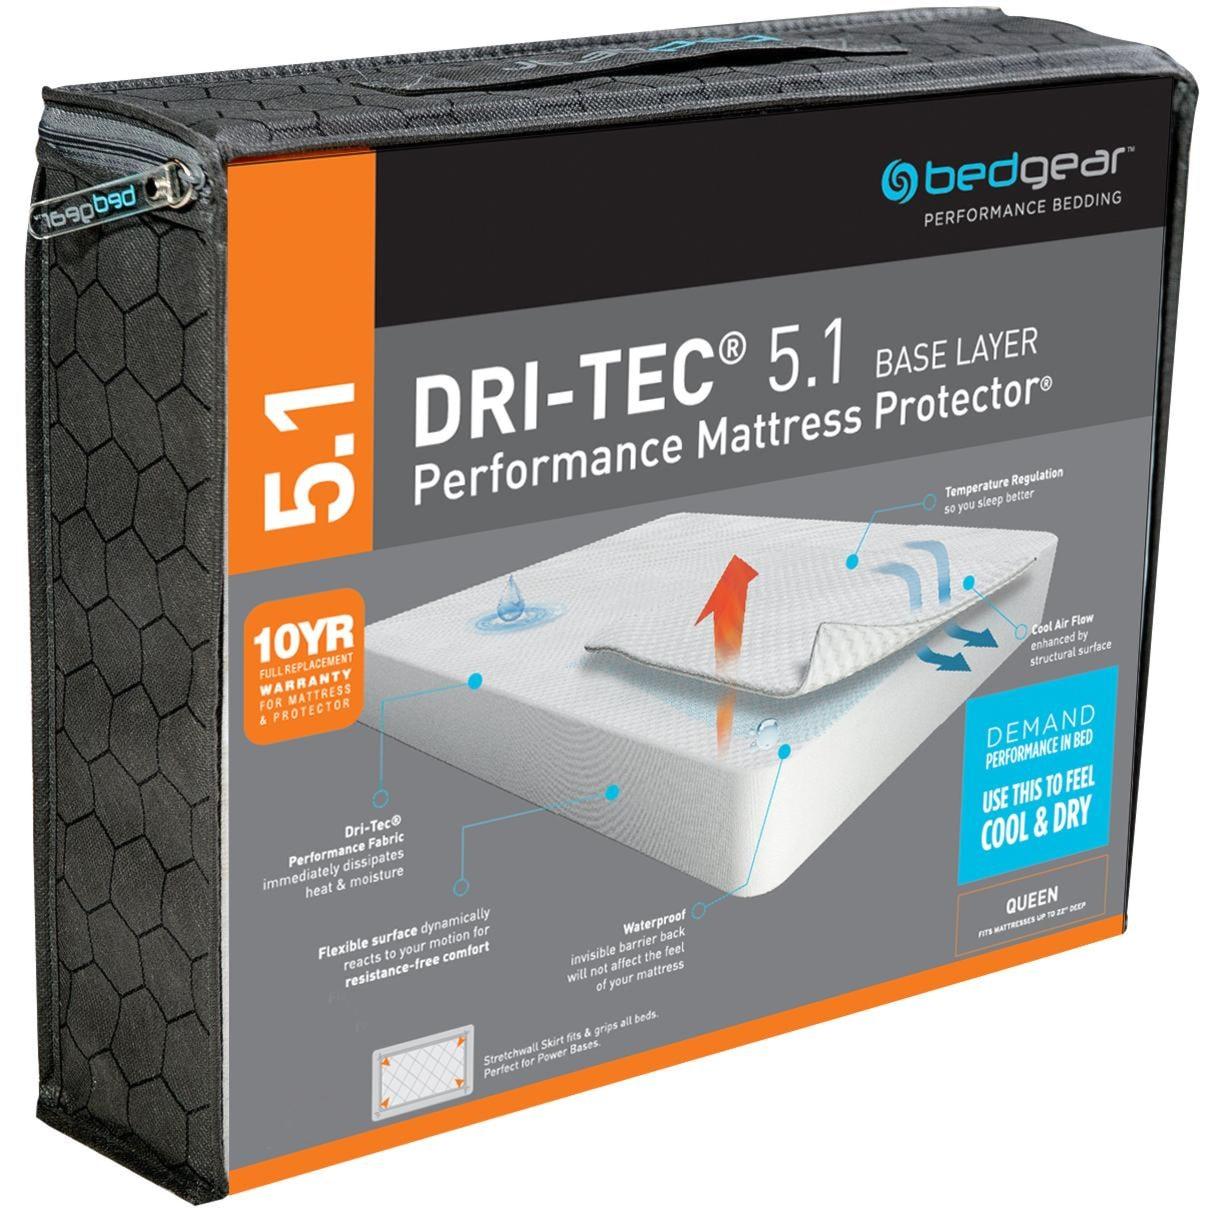 Bedgear Dri Tec 5 1 Dri Tec Full Wicking Waterproof